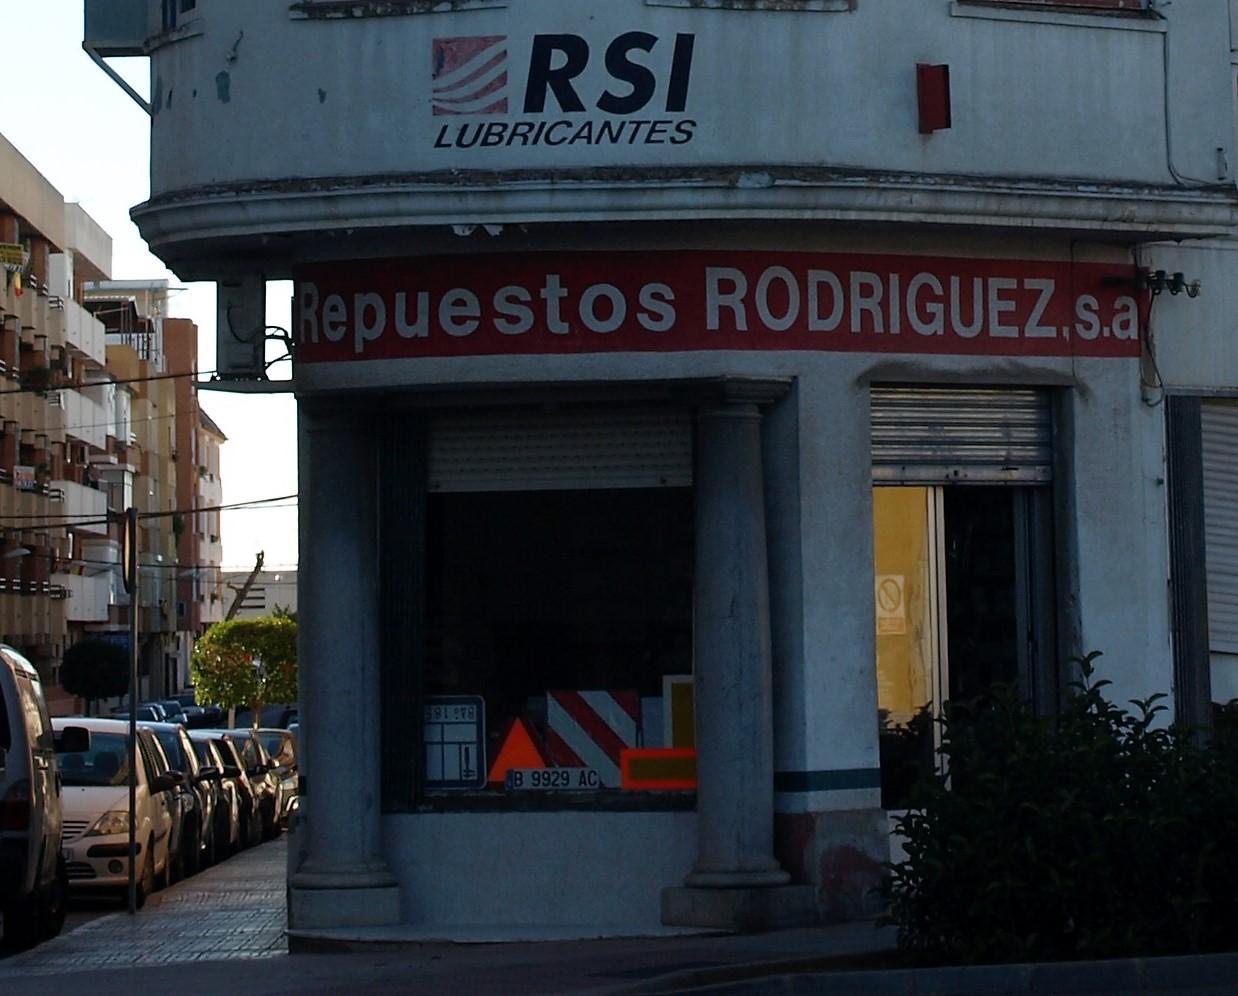 España - Repuestos en Almendralejo Rodriguez